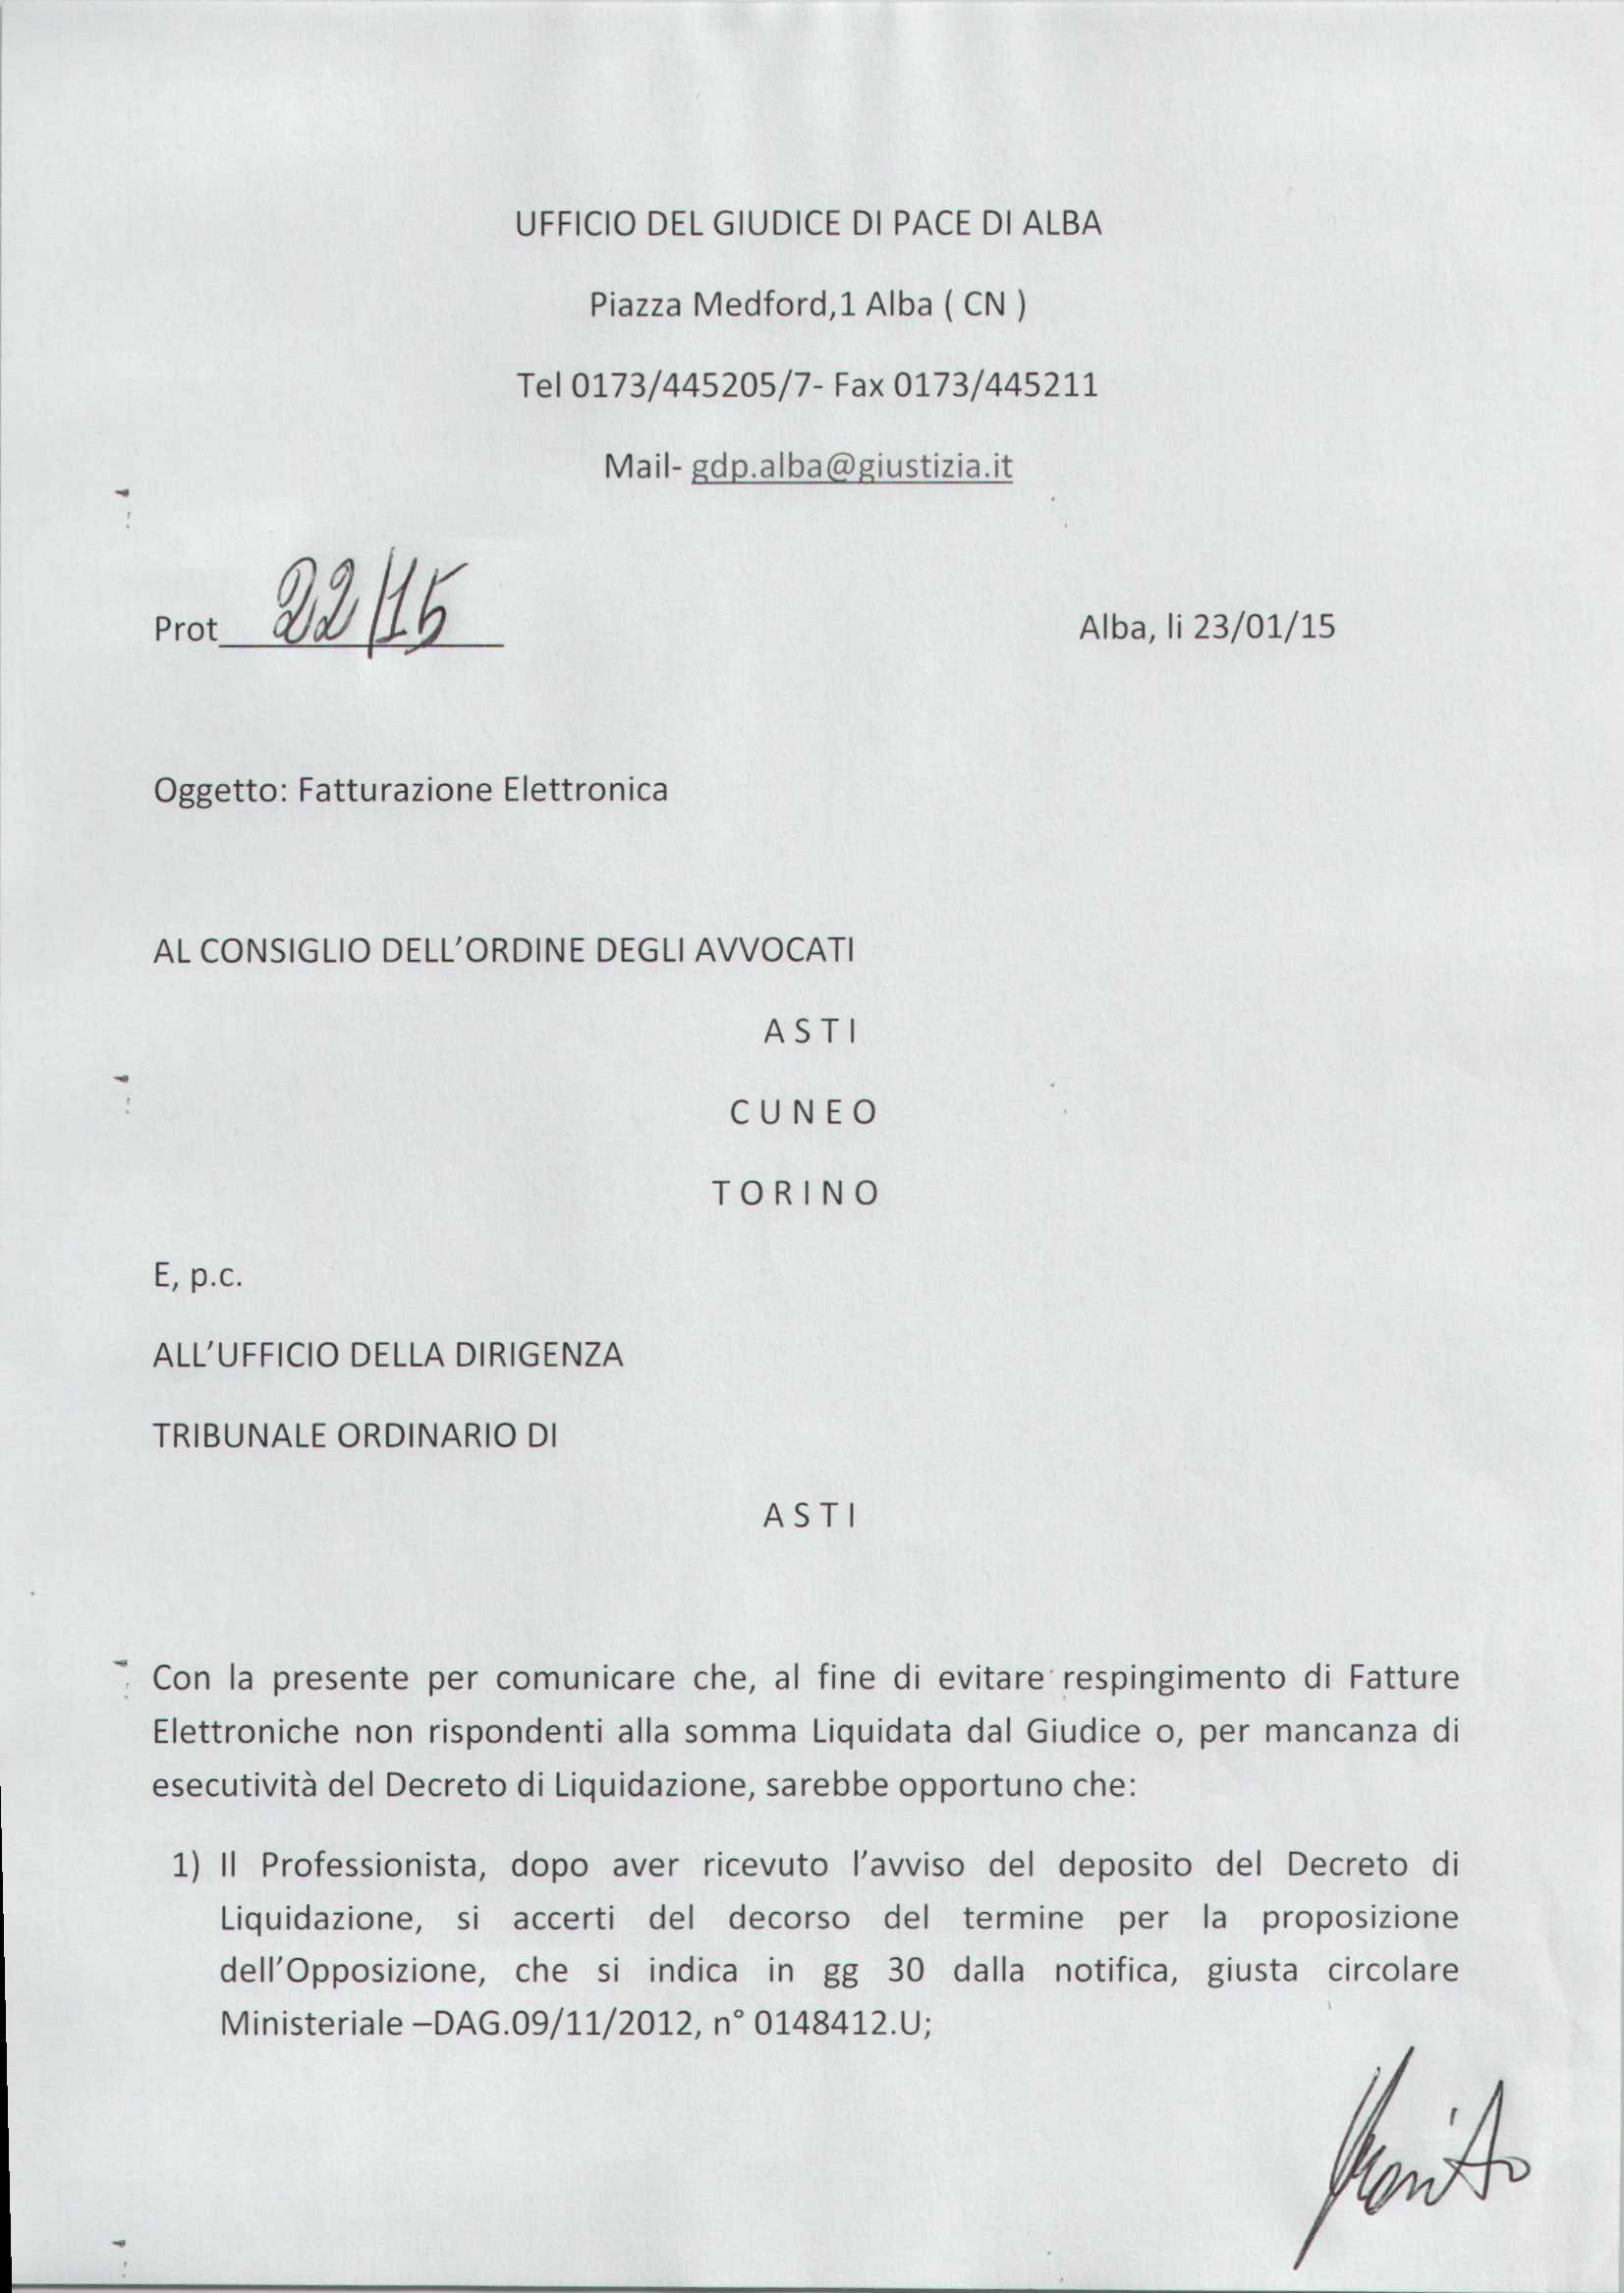 Prima parte delle disposizioni del Giudice di Pace di Alba